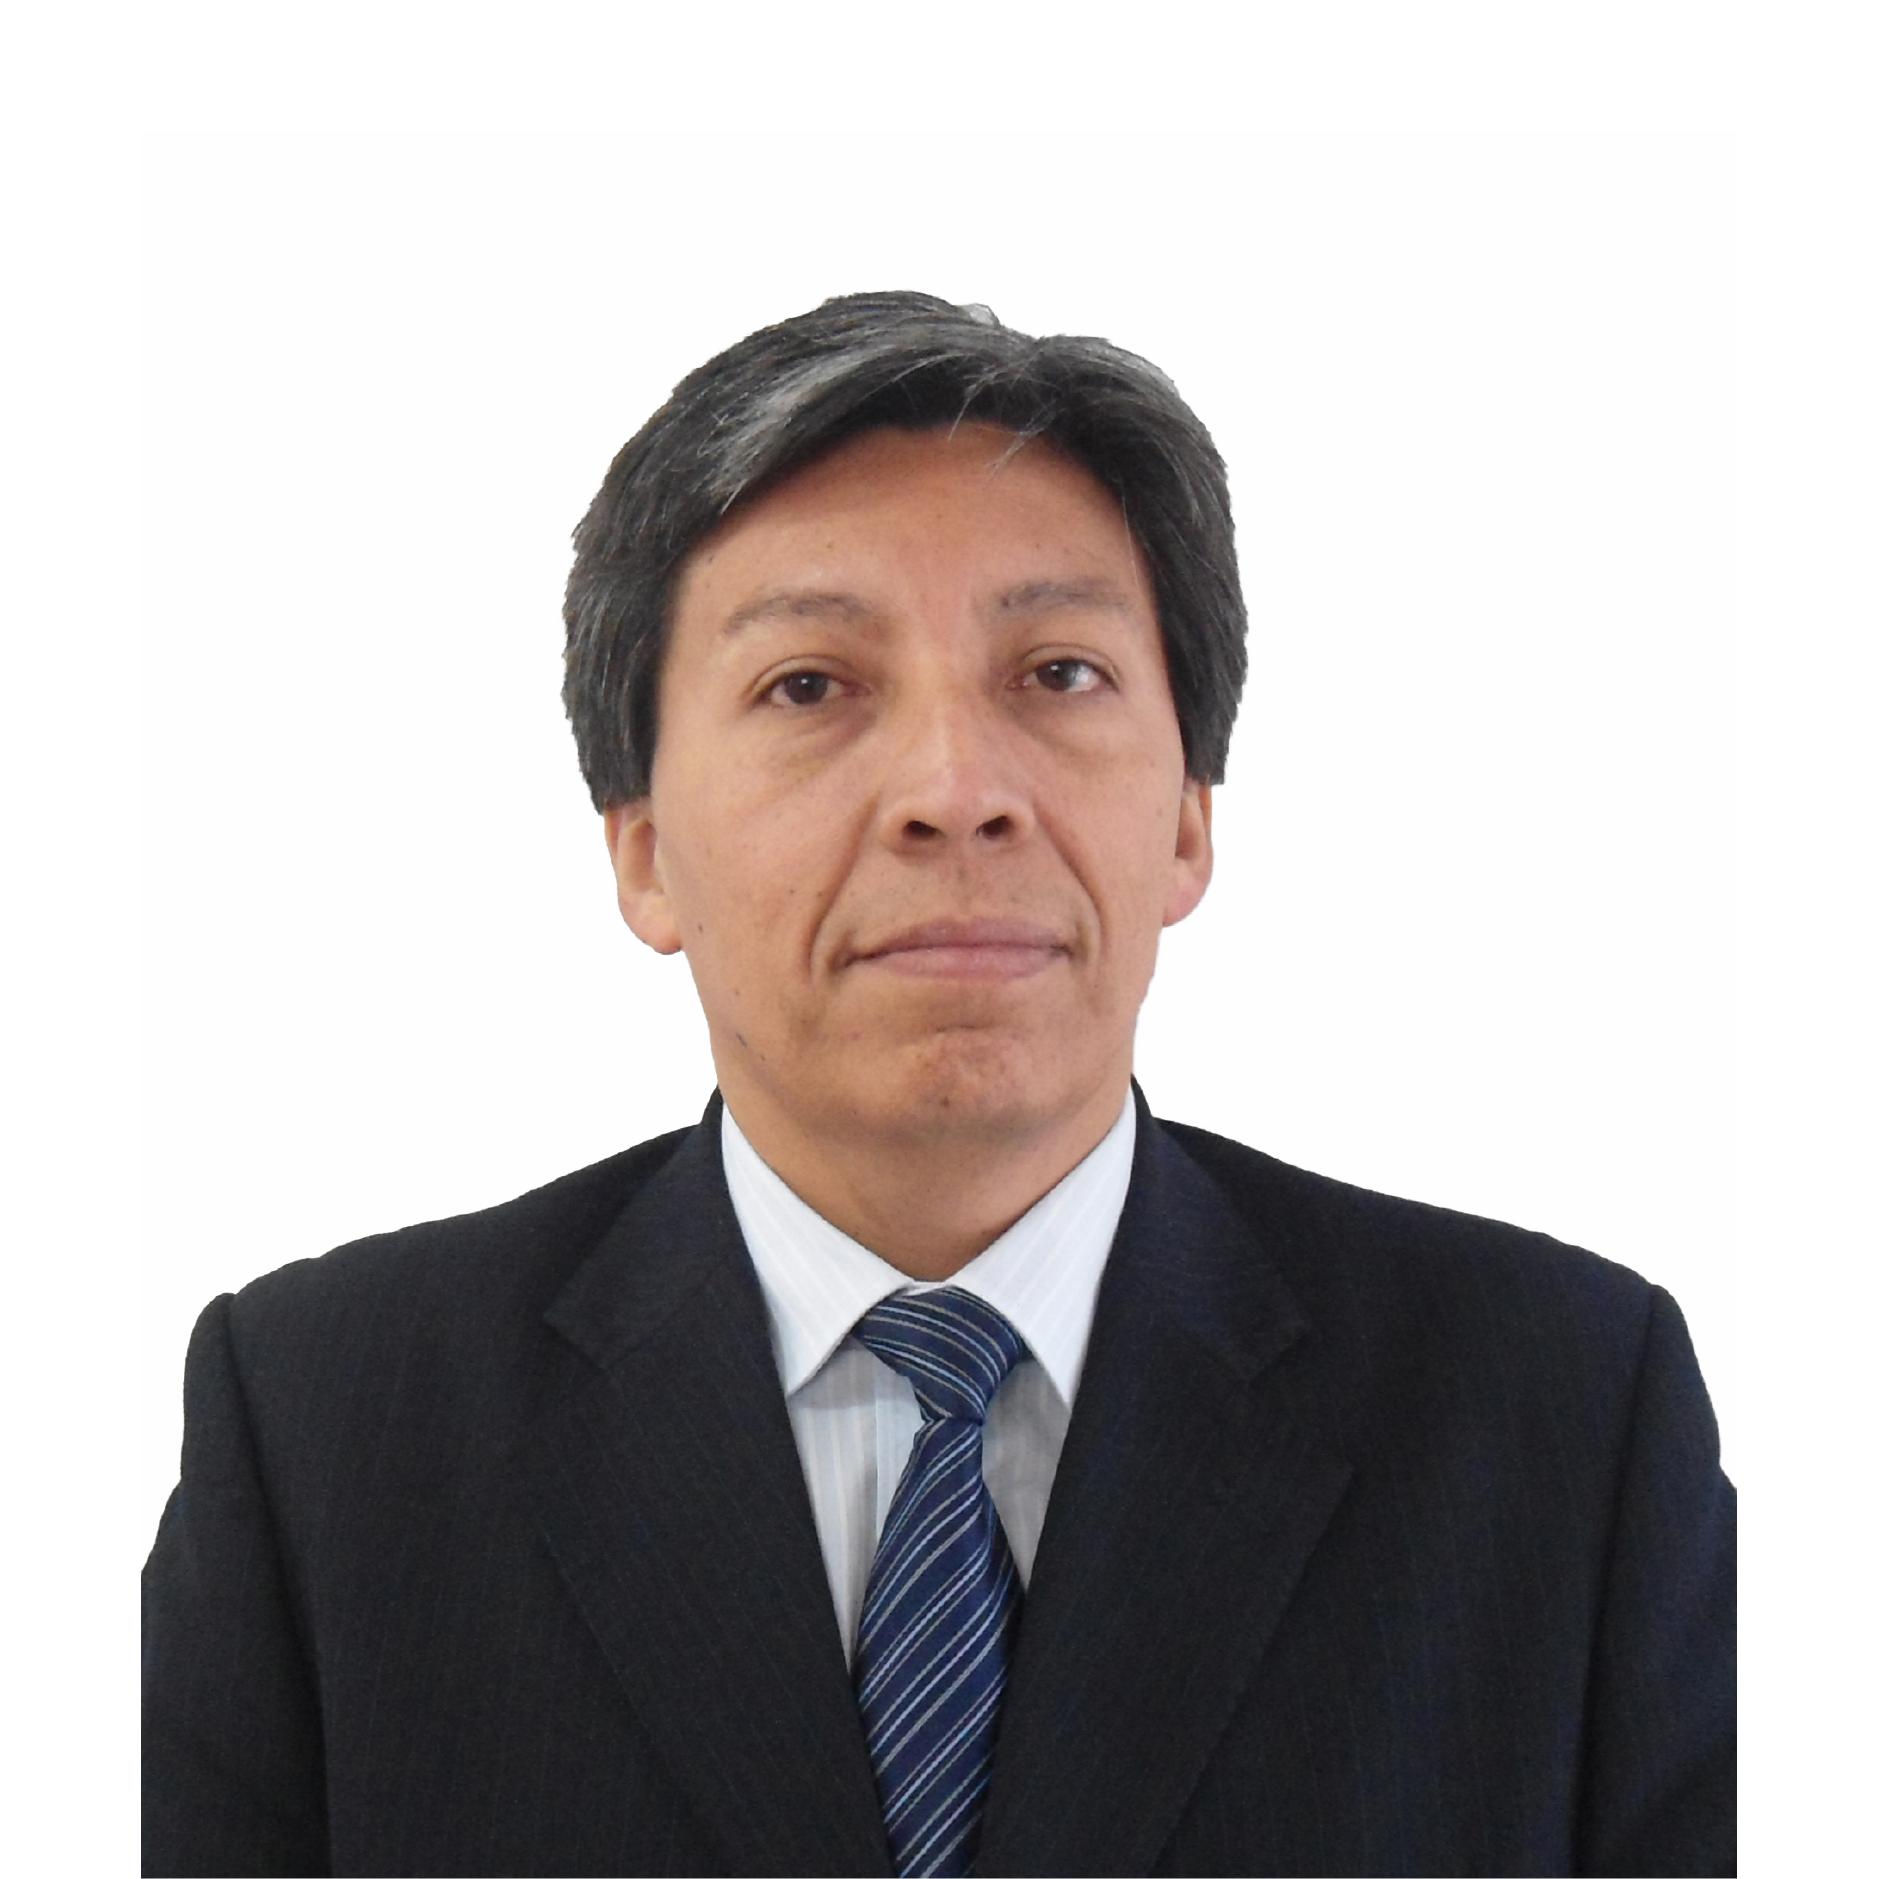 https://energiasrenovables.perueventos.org/images/Edwin-Zorrilla-1.png